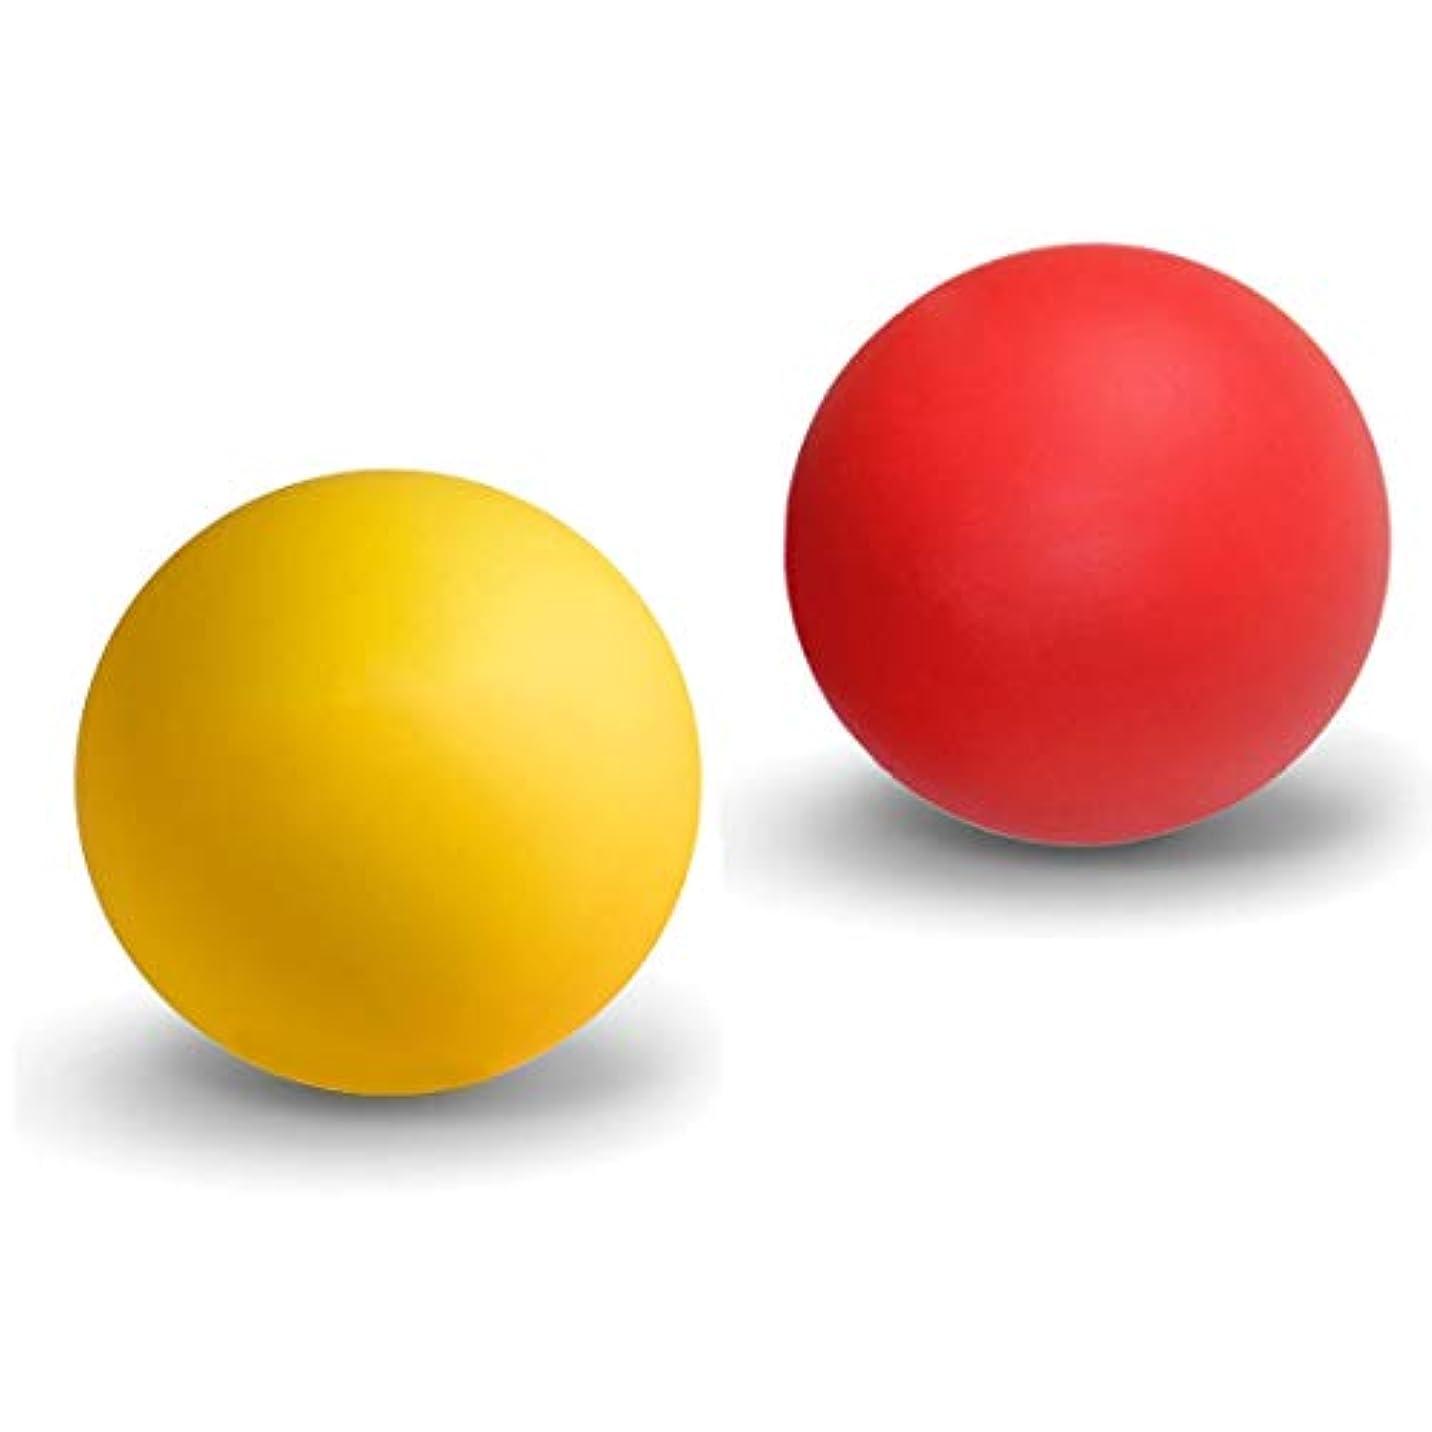 ミサイル理容室イライラするマッサージボール ストレッチボール トリガーポイント ラクロスボール 筋膜リリース トレーニング 指圧ボールマッスルマッサージボール 背中 肩こり 腰 ふくらはぎ 足裏 ツボ押しグッズ 2で1組み合わせ 2個 セット